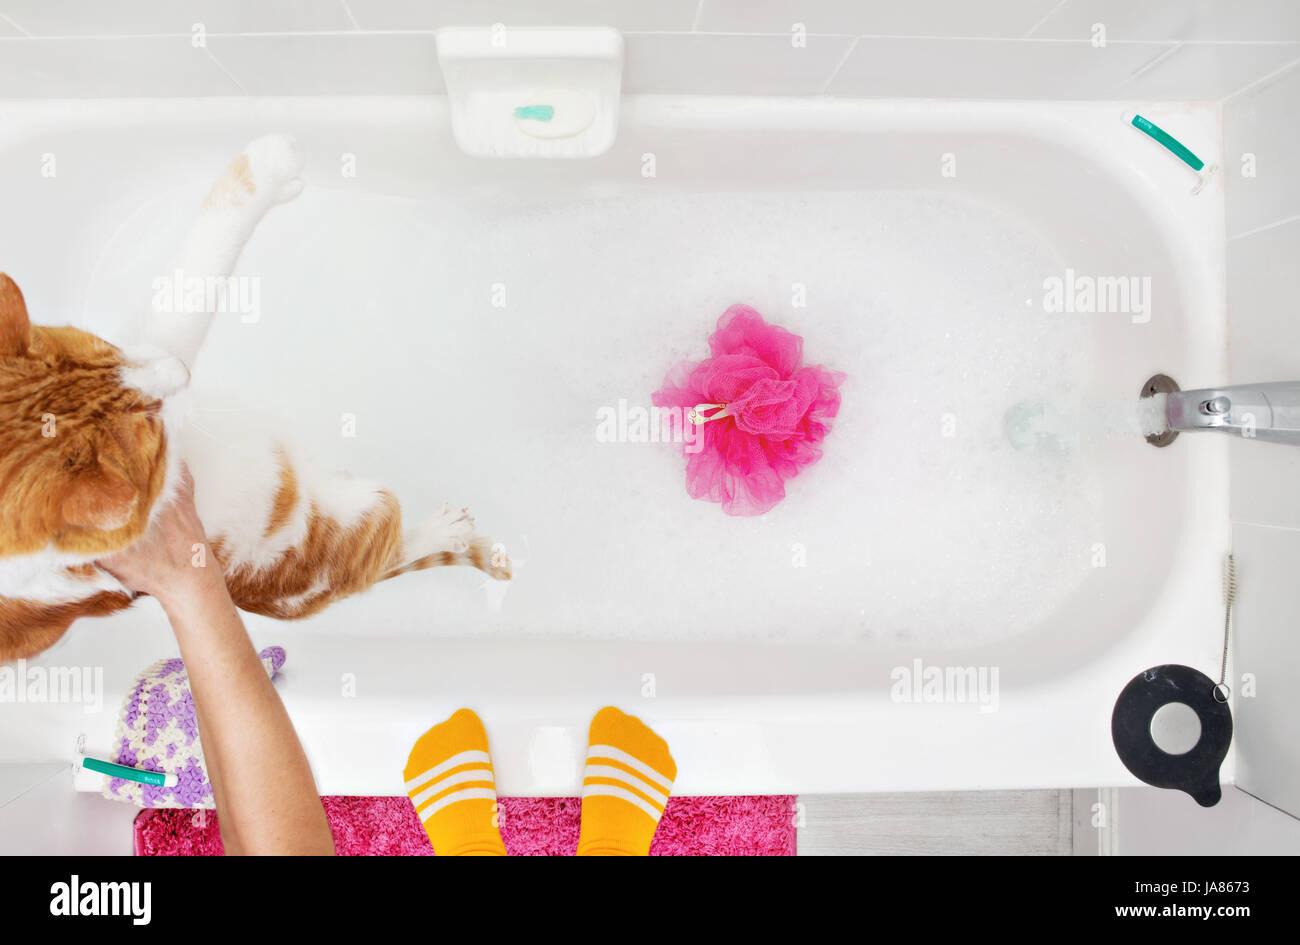 Gatto arancione essendo abbassata in un bagno di bolle con acqua in esecuzione. Immagini Stock